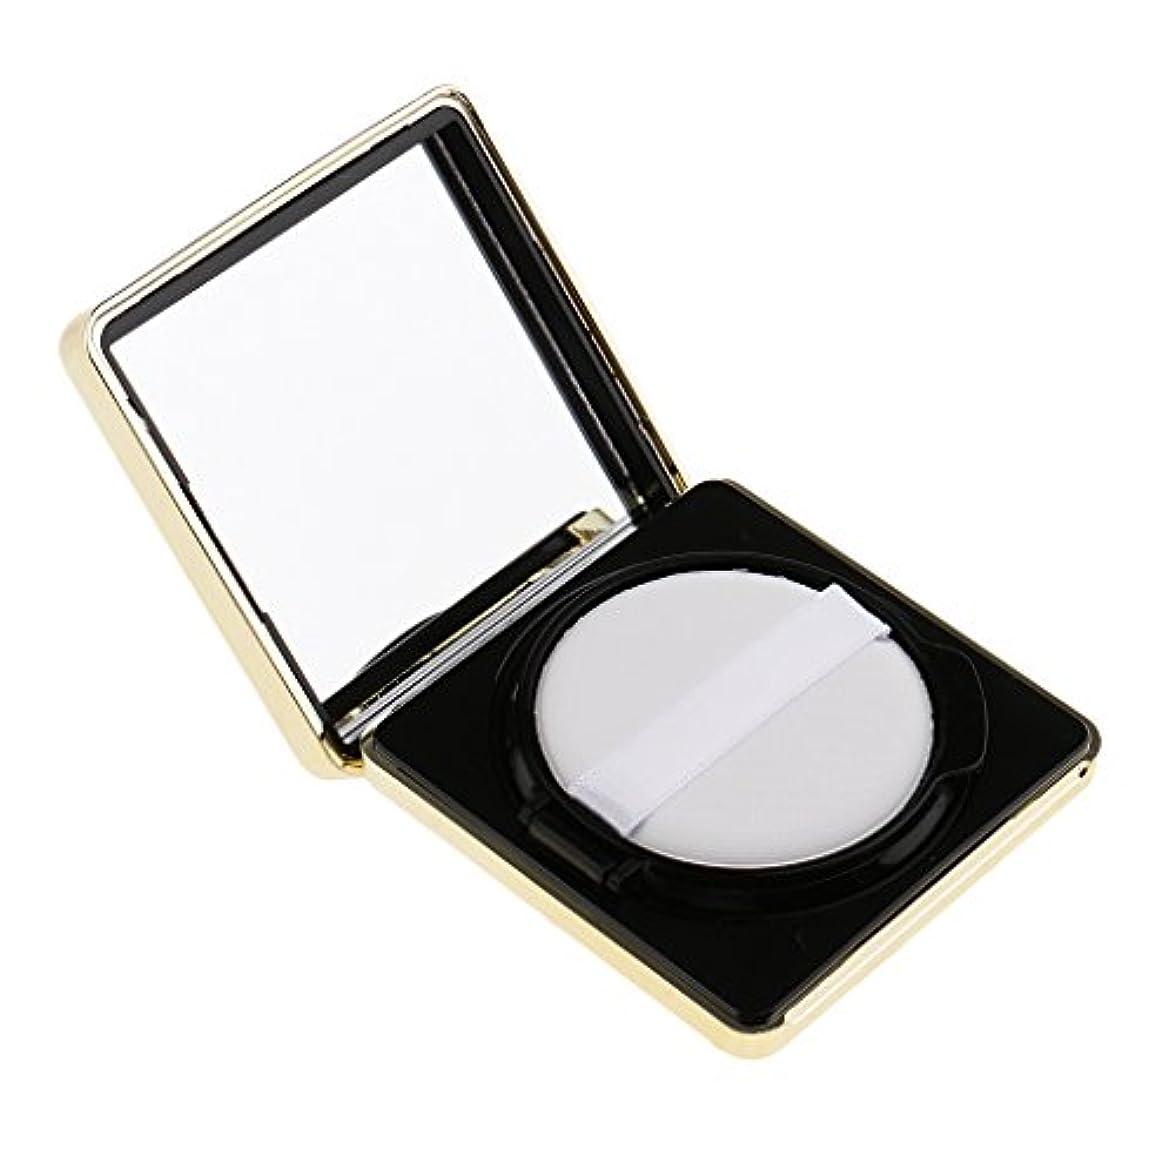 静める拷問口径Baosity エアクッションボックス パウダーパフ コスメ パフ 空パレット メイクアップ DIY 化粧品 詰替え 旅行 便利 3色選べる - ブラック